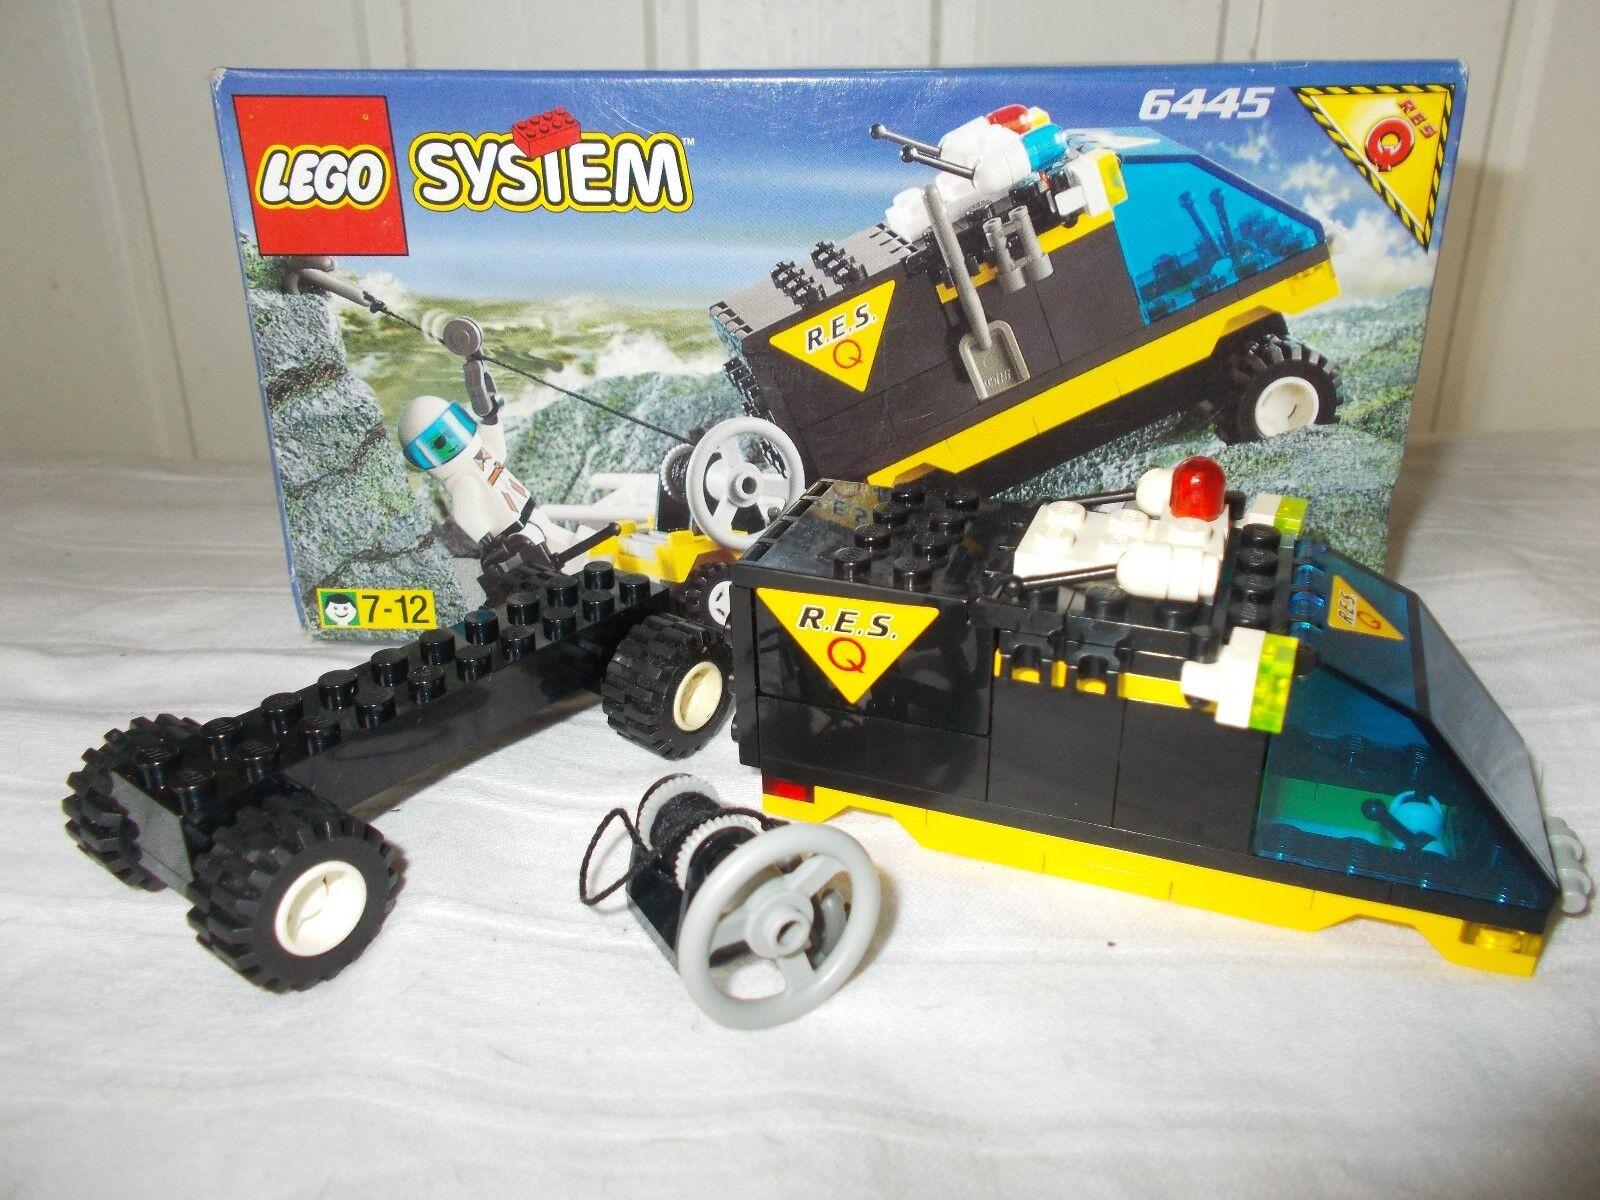 LOT 6 Lego ville SYSTEM- 6445  6422 6556 6525 6514 646 VOITURES pompier course